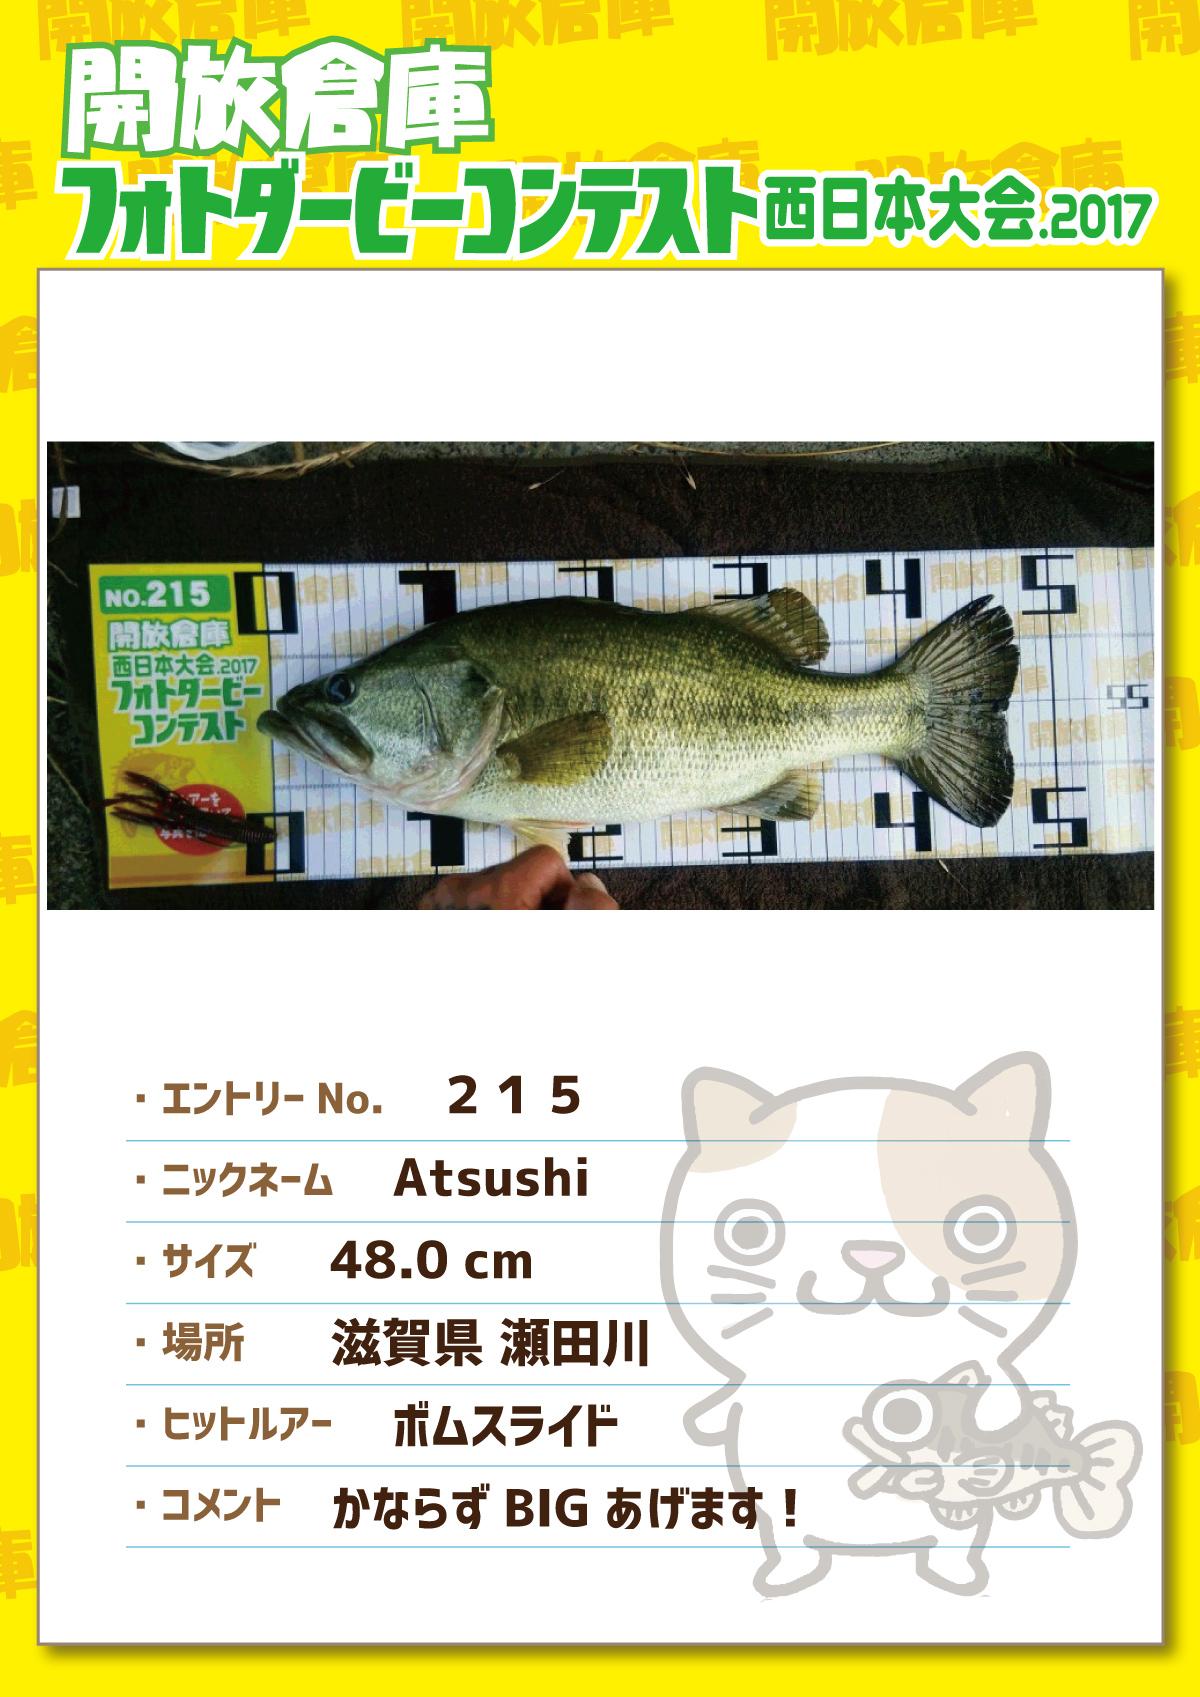 No.215 Atsushi 48.0cm 滋賀県瀬田川 ボムスライド かならずBIGあげます!